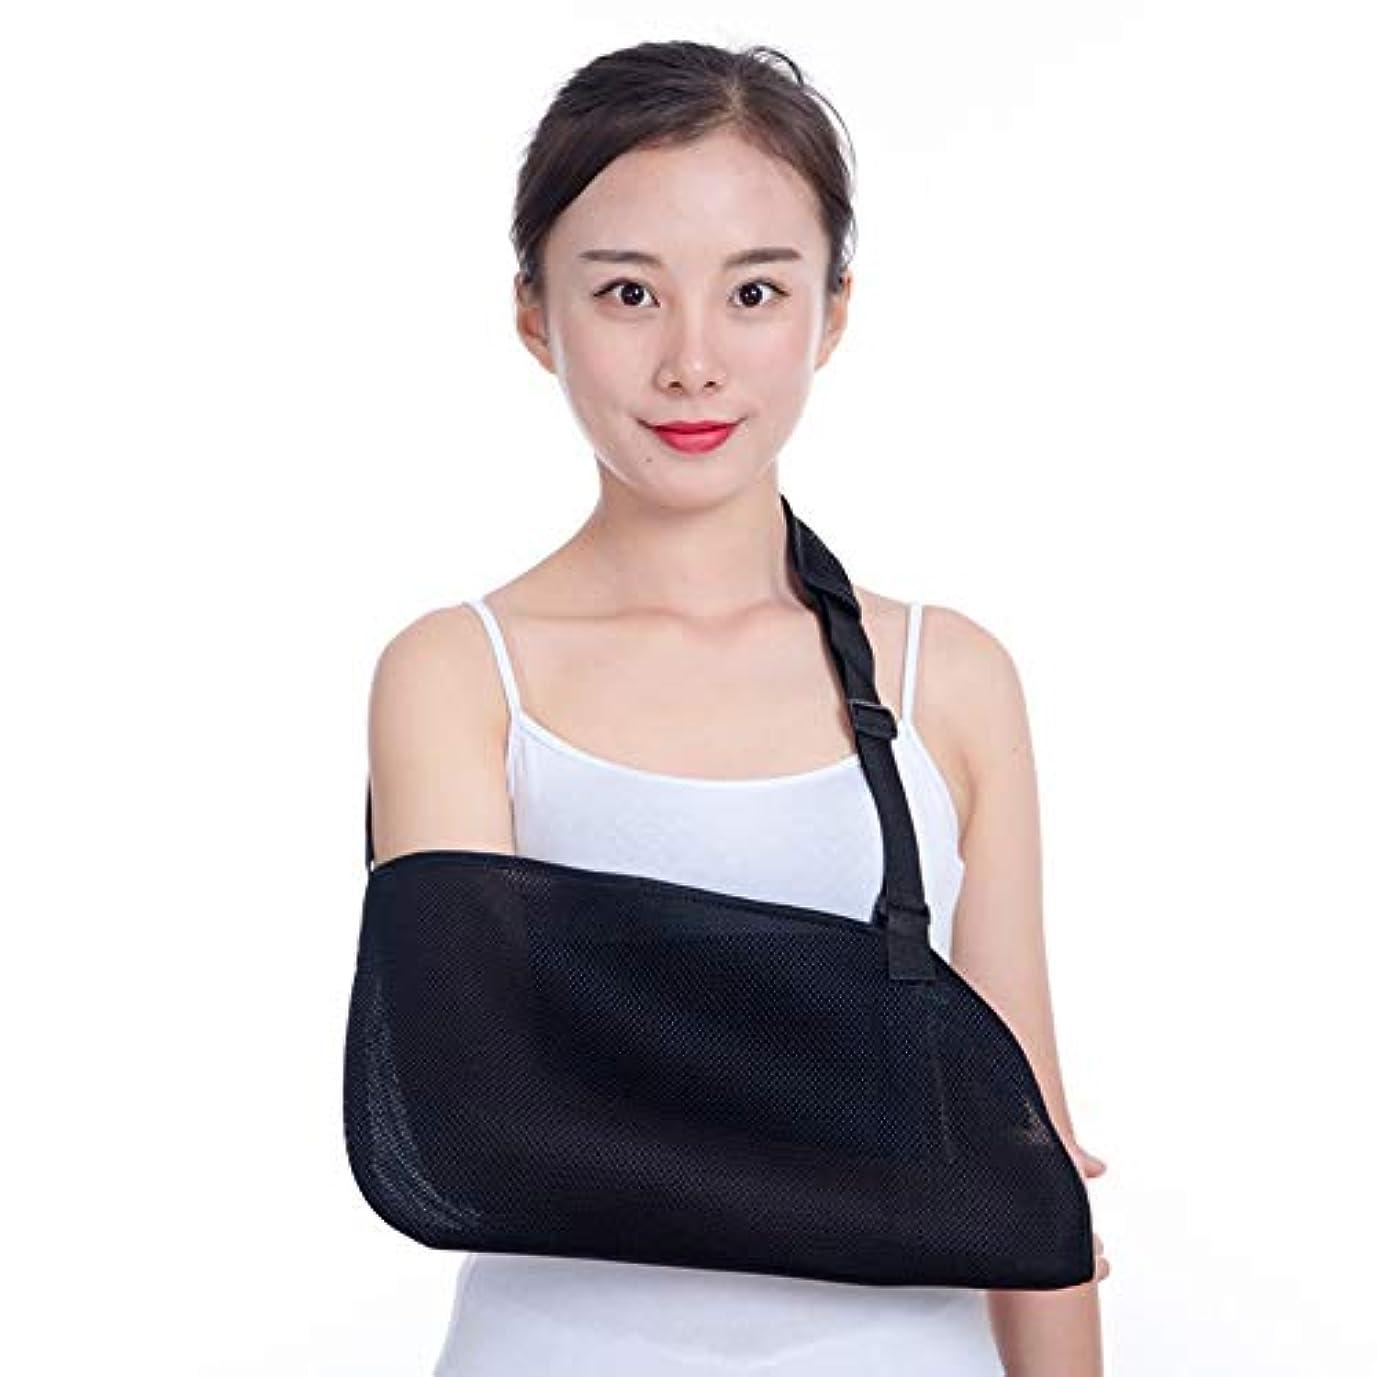 定期的に無実旅行者壊れた手首の肘固定用の成人用通気性メッシュ調節可能な前腕回旋腱板サポート軽量快適のためのアームスリングブレース,Black